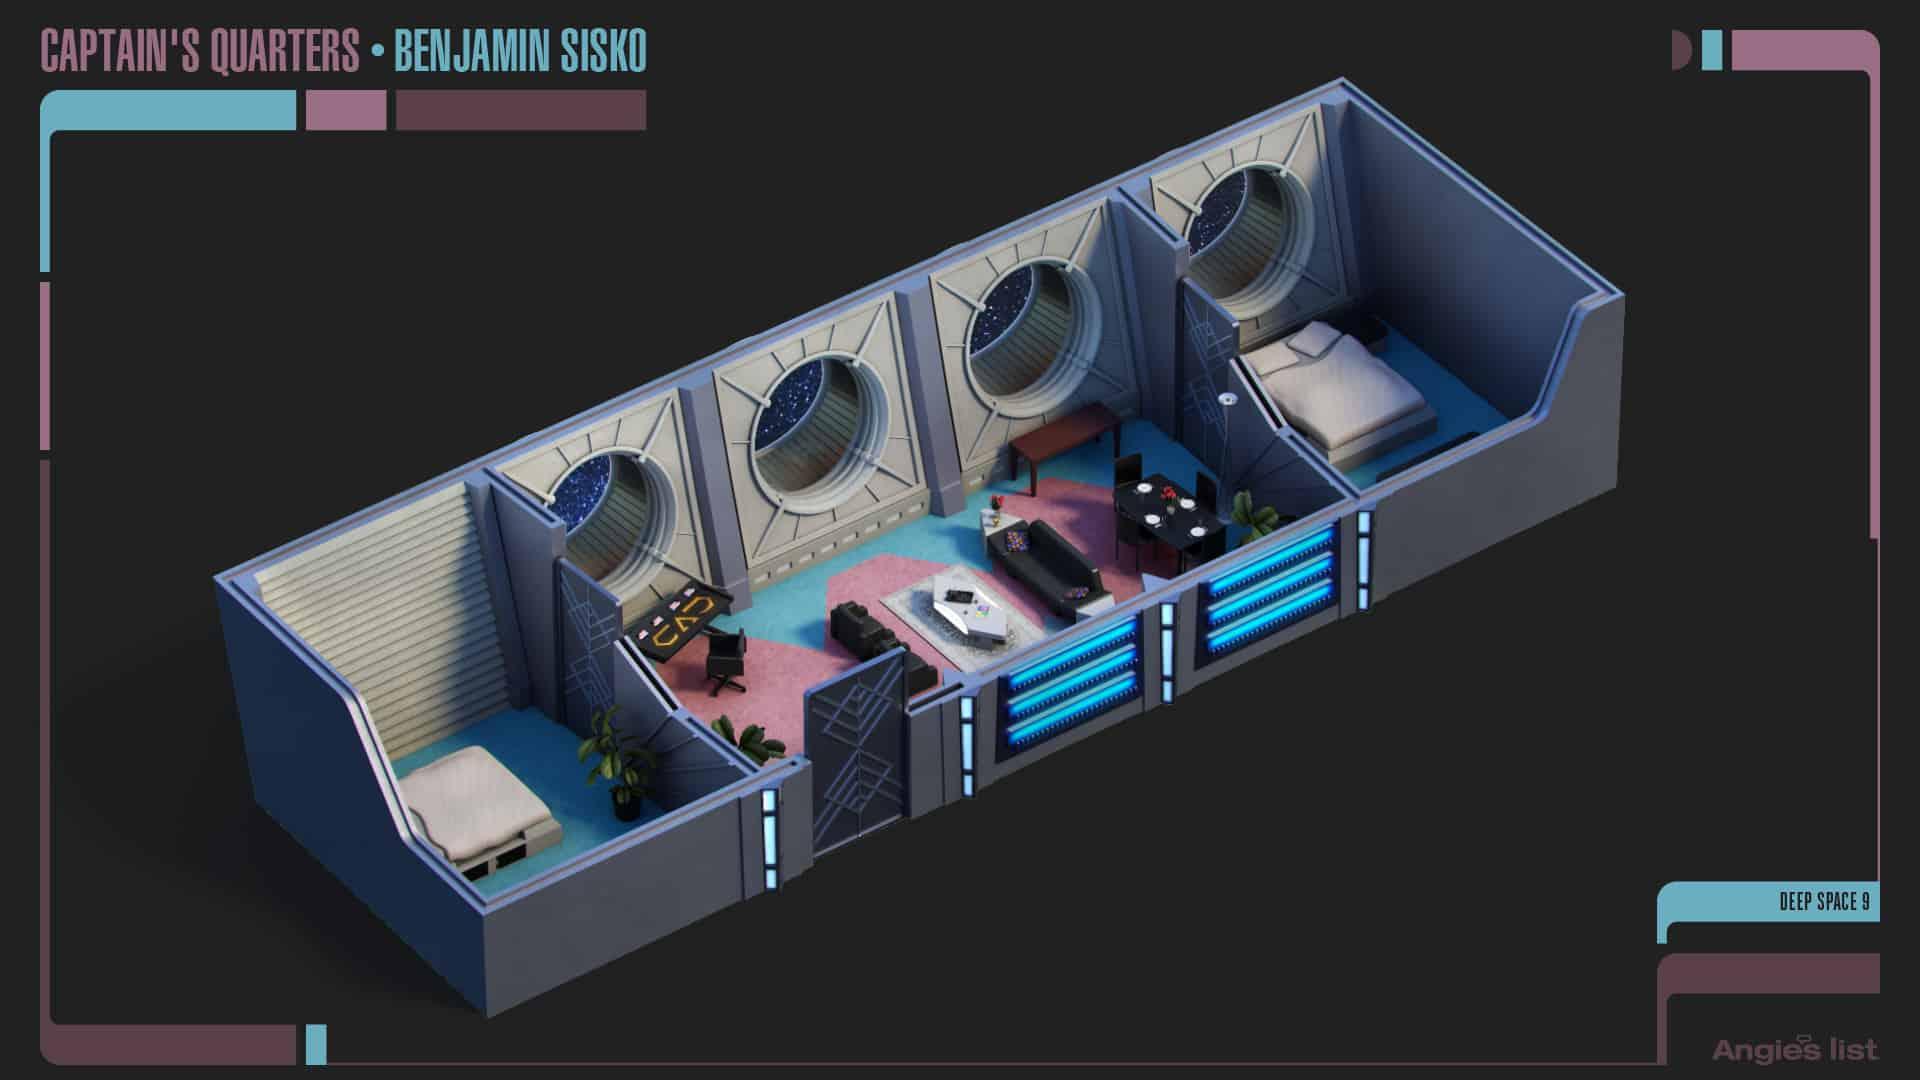 3 Benjamin Sisko quarters